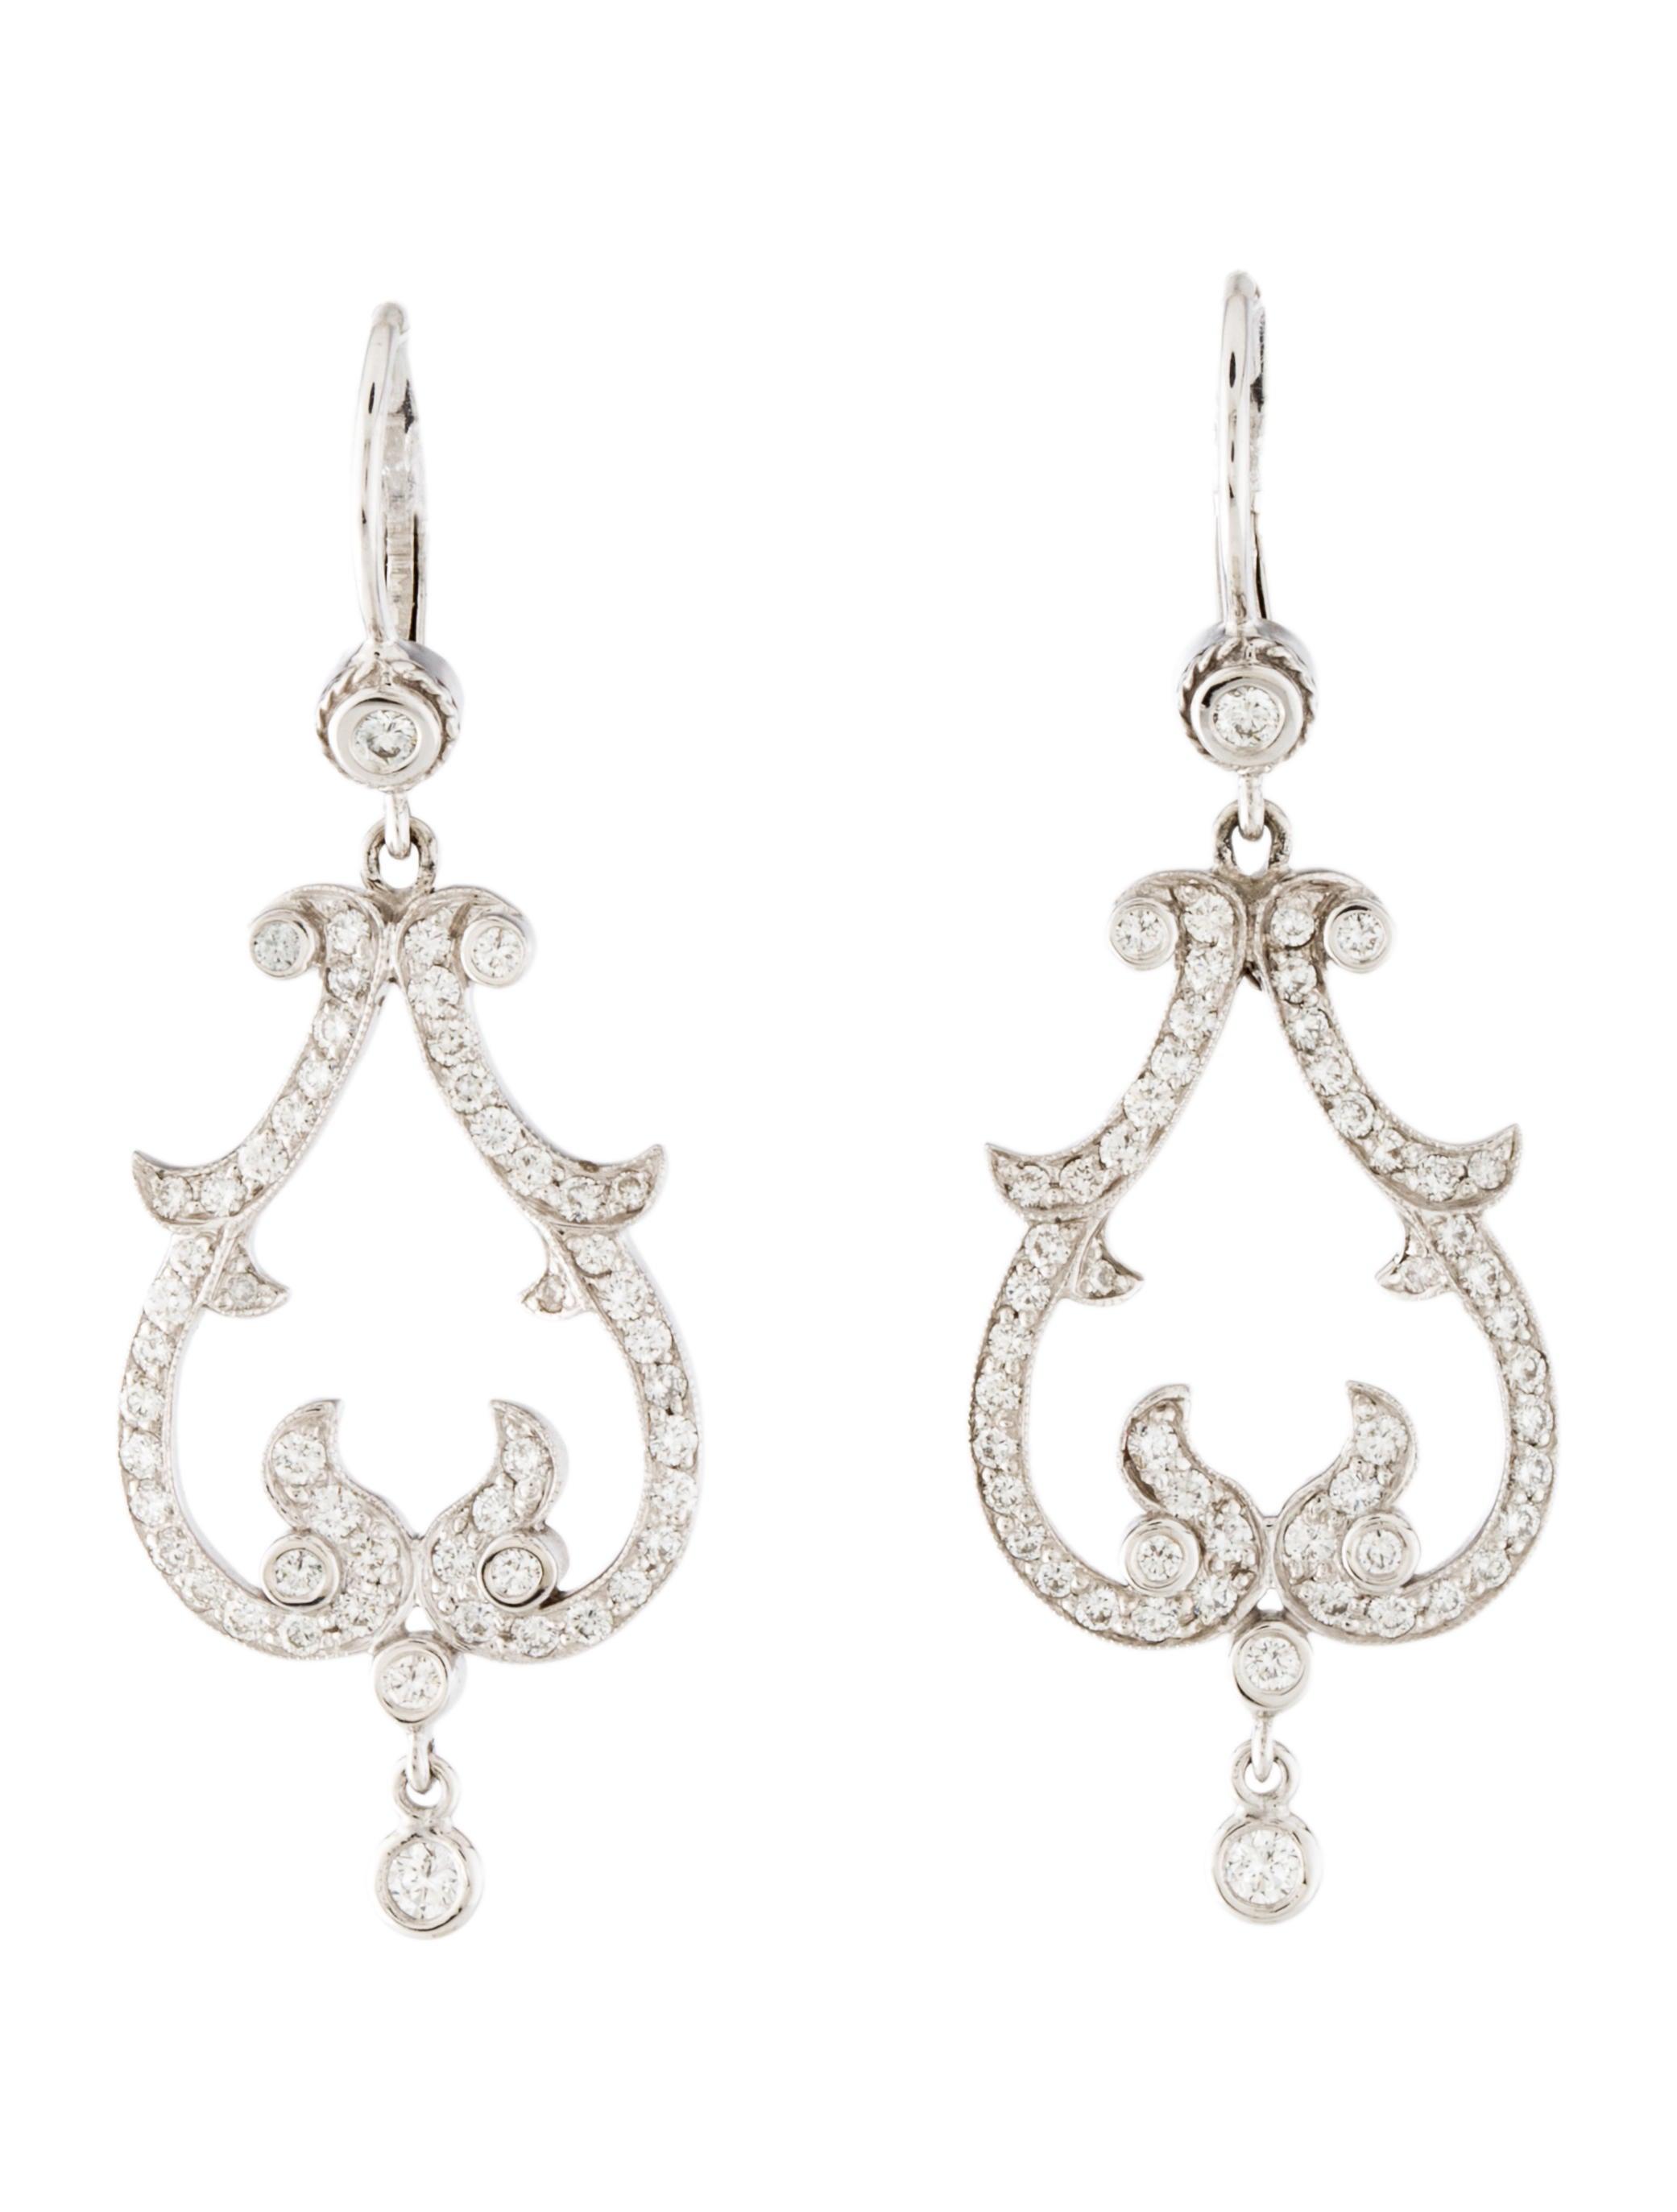 Penny preville diamond chandelier earrings earrings ppv20216 diamond chandelier earrings arubaitofo Images